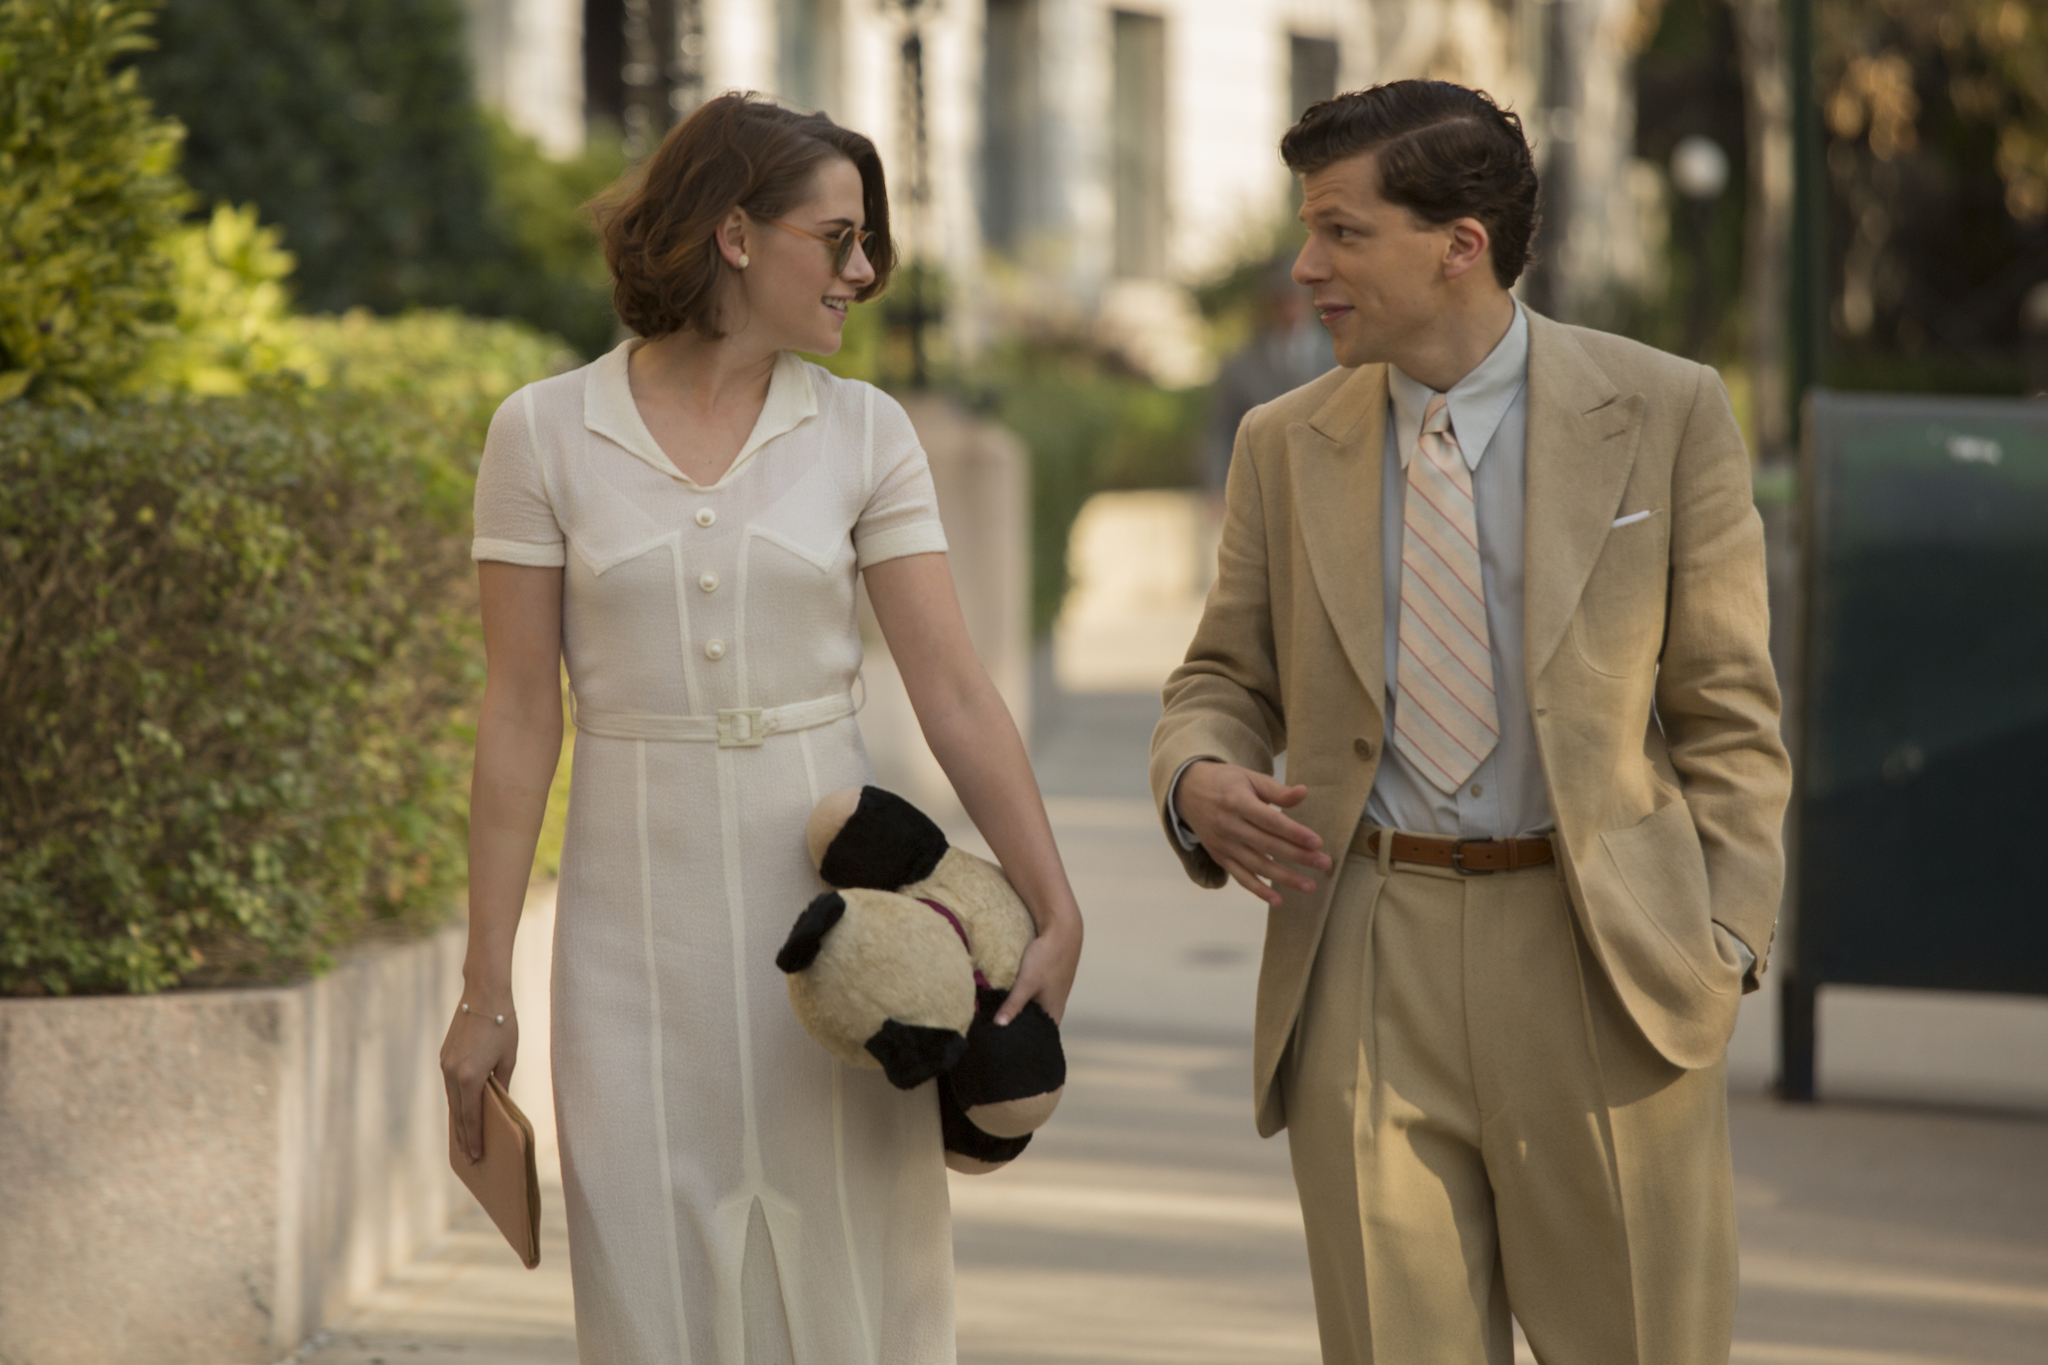 Jesse Eisenberg and Kristen Stewart in Café Society (2016)